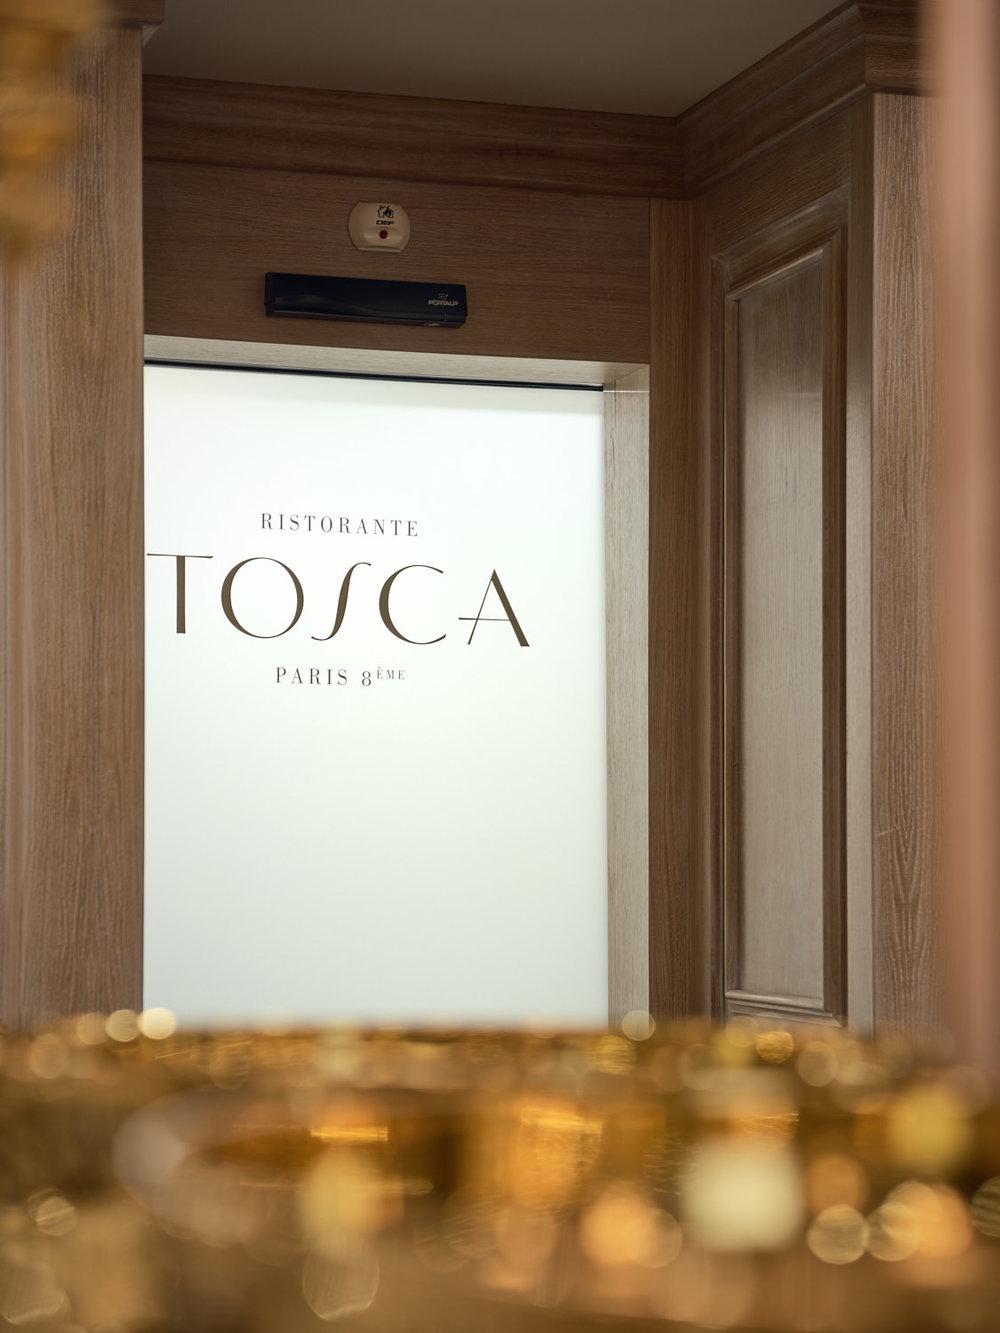 Le Tosca Paris - Hotel Splendide Royal - ISG